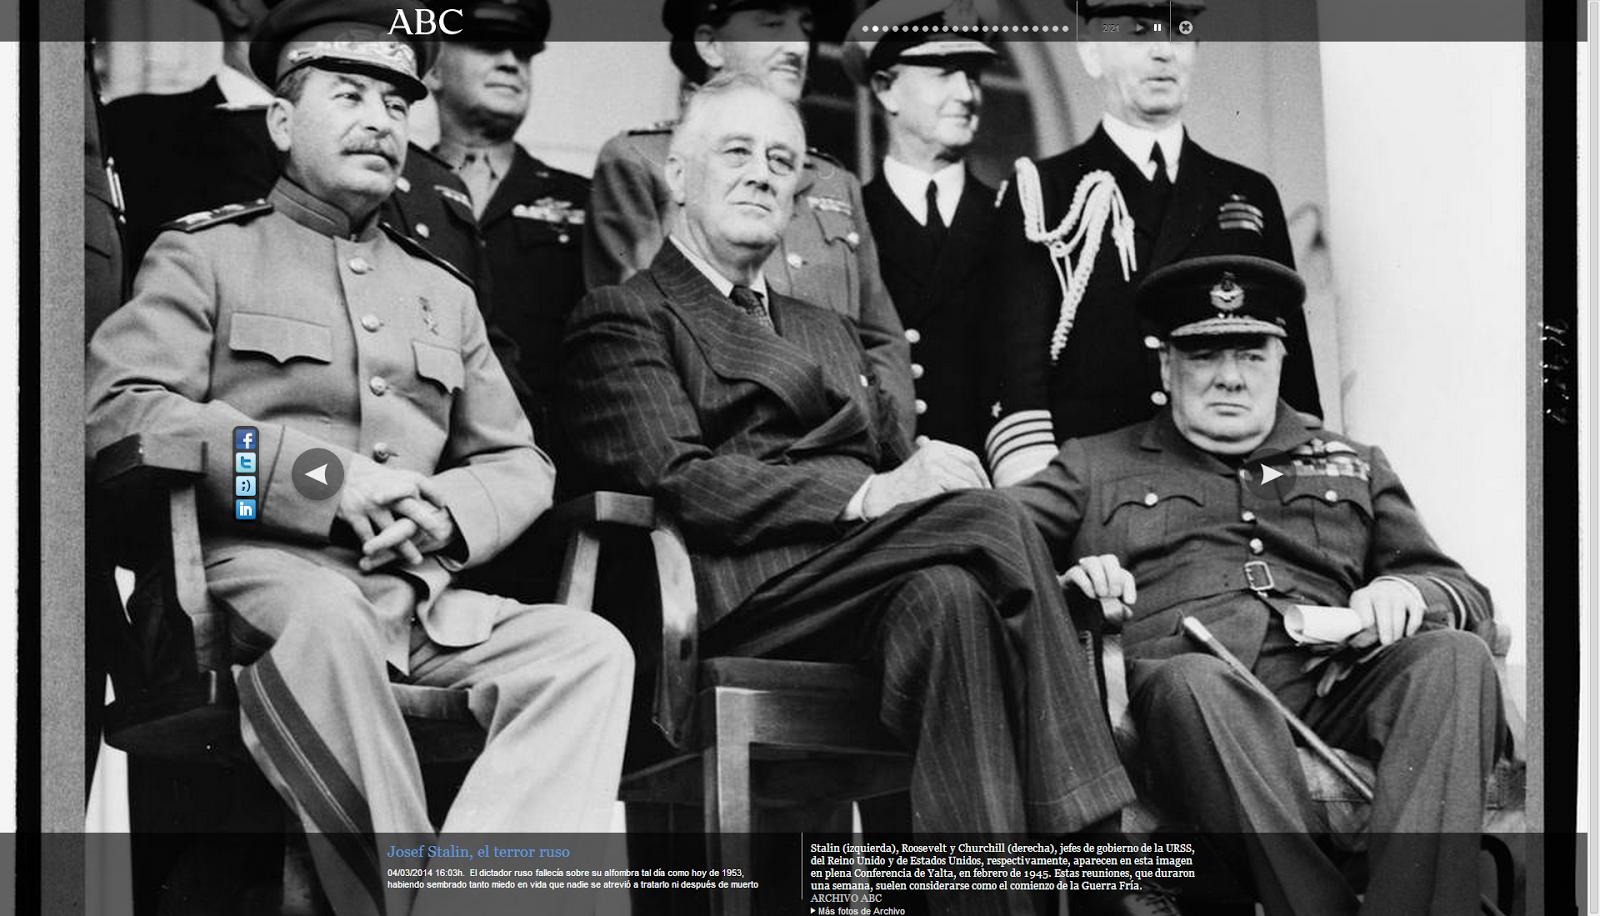 http://www.abc.es/fotos-archivo/20140305/josef-stalin-terror-ruso-1612080389415.html